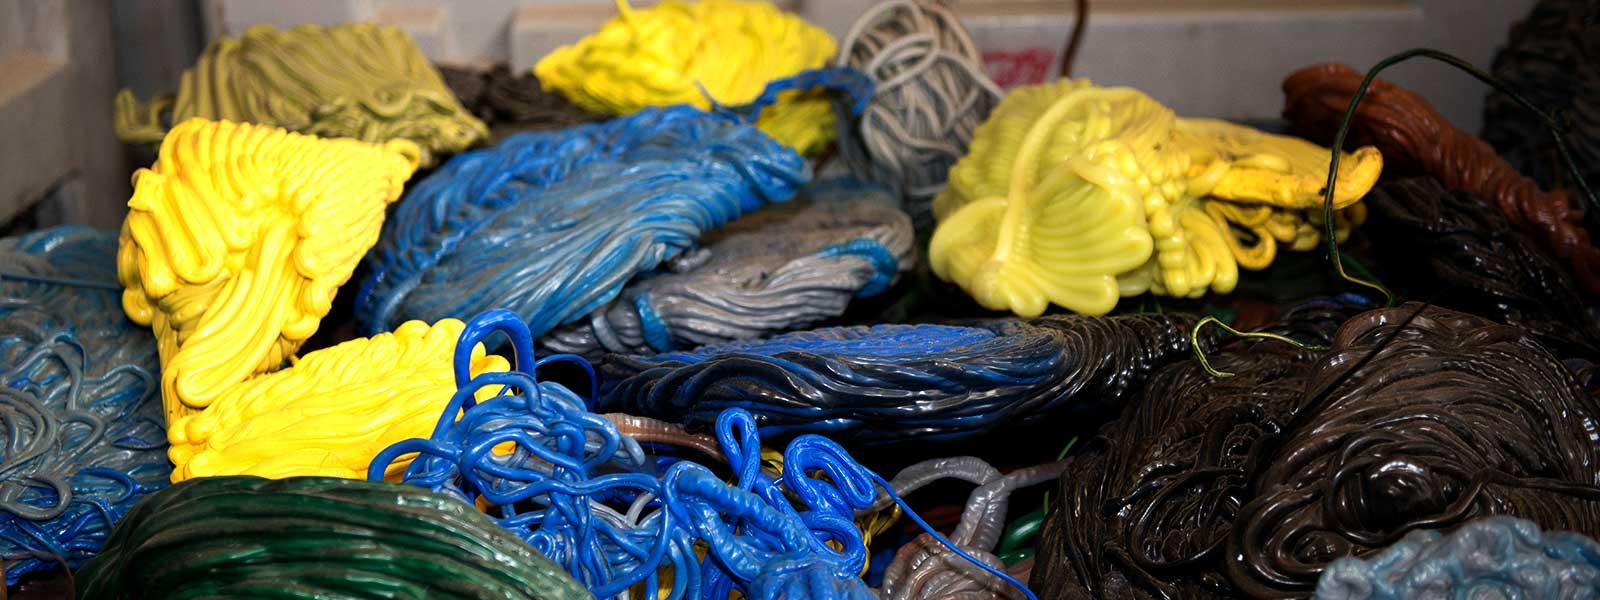 RUA_PAPEL gestion integral de residuos cables plastico objetivo residuo cero slide 2